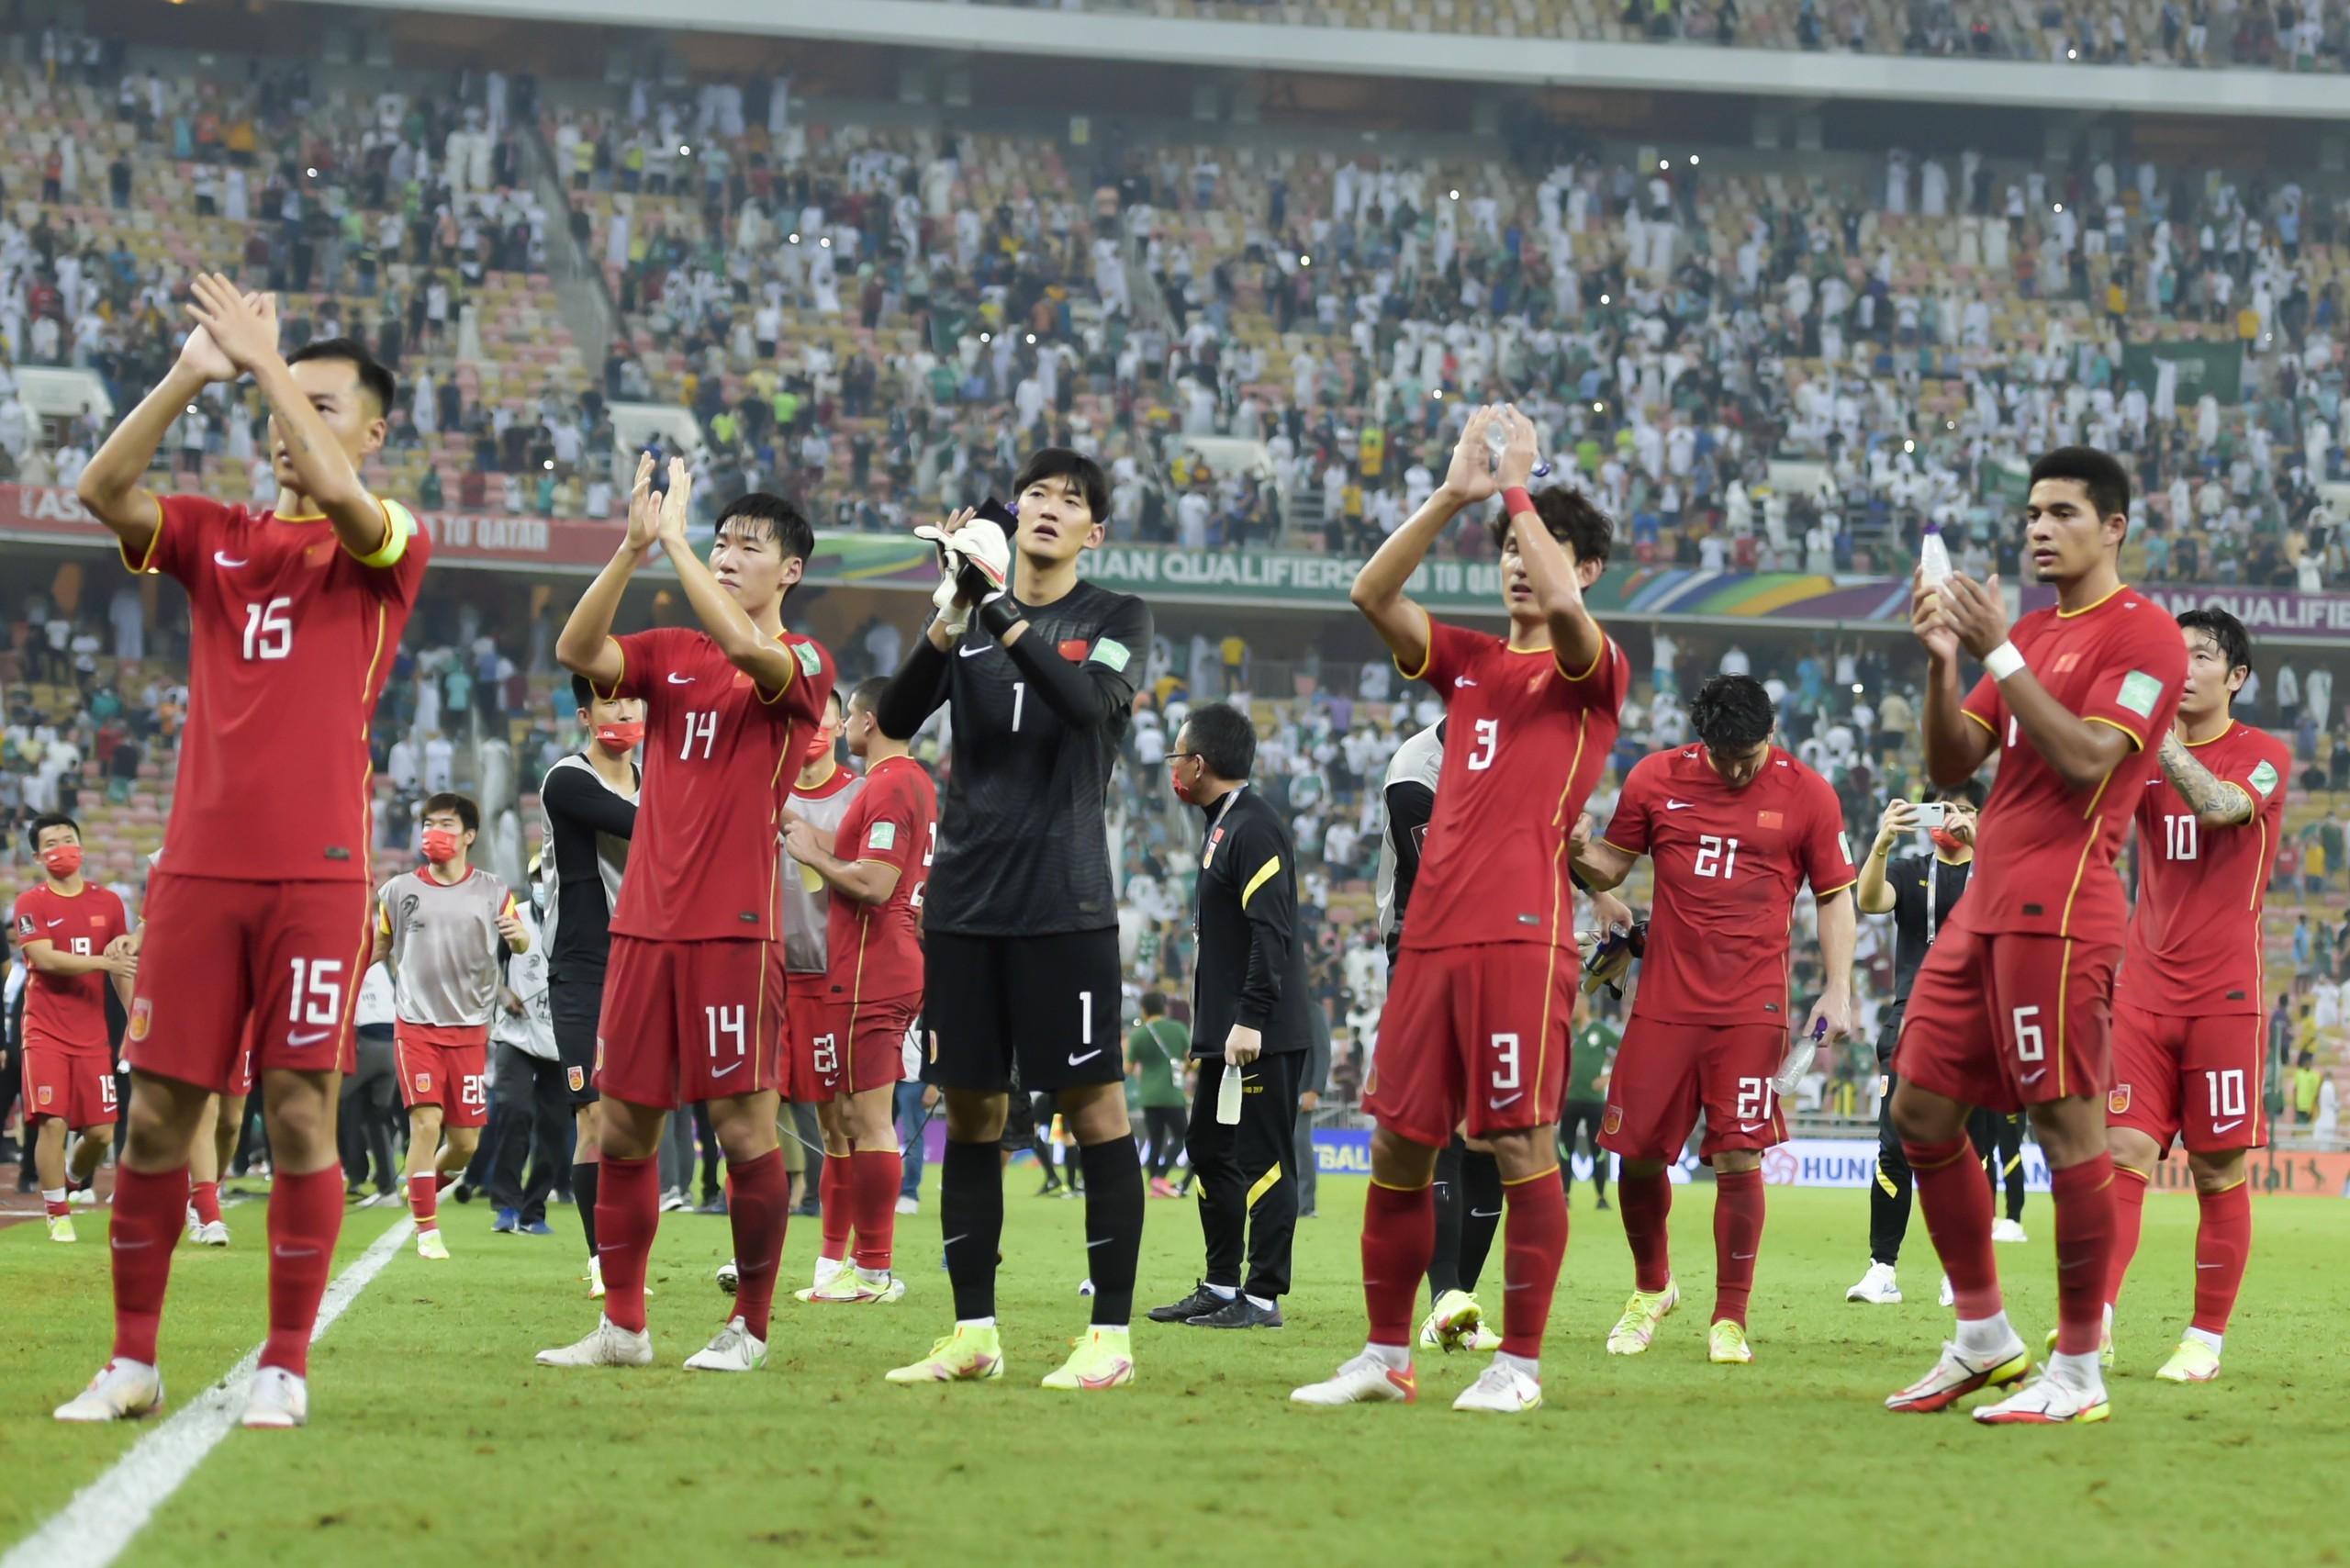 国足球员在对阵沙特赛后,感谢来到现场的中国球迷。